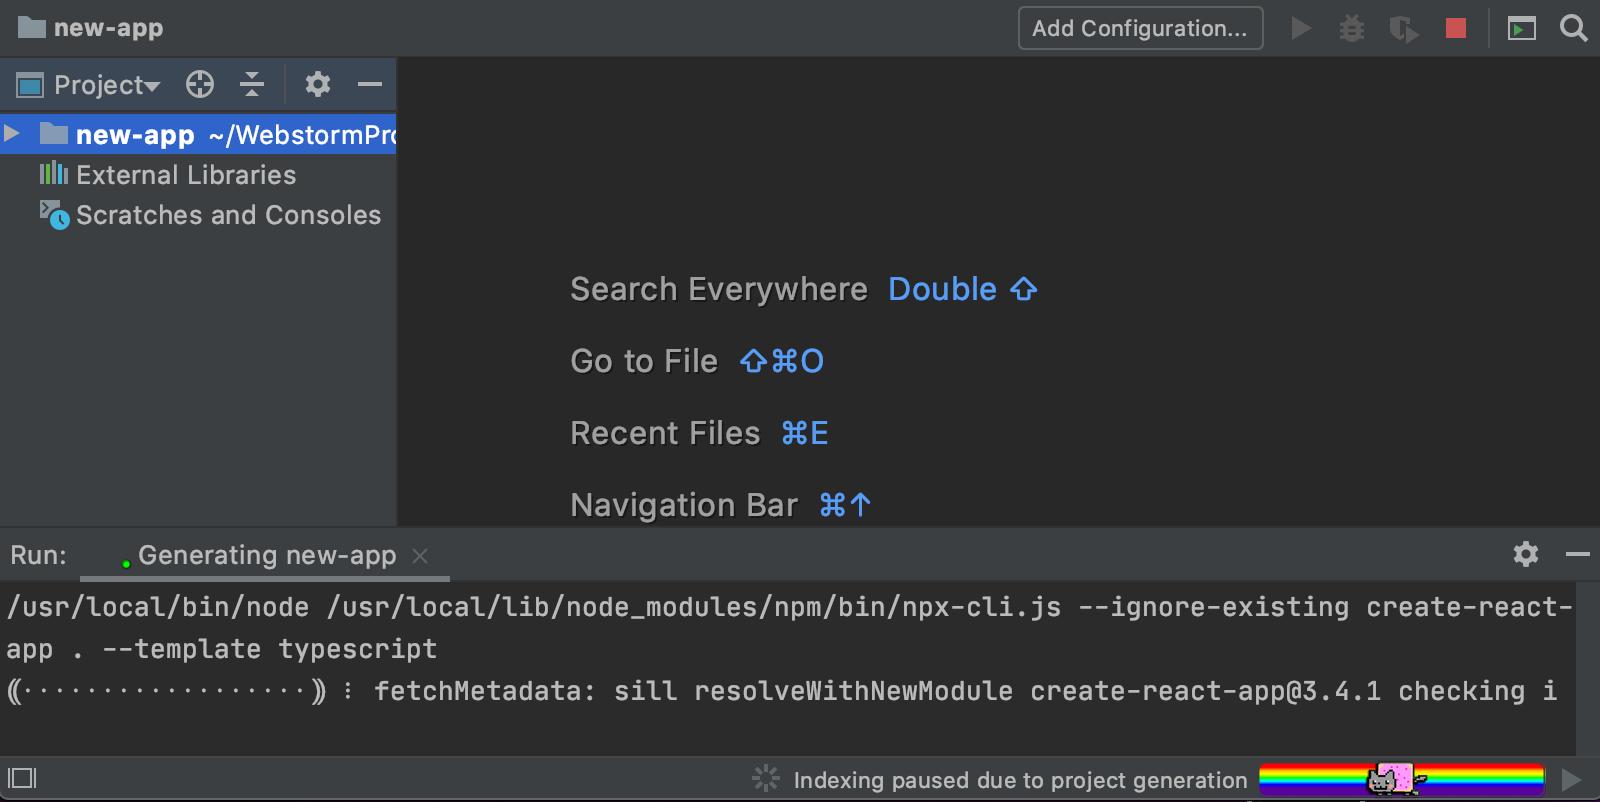 nyan-progress-bar